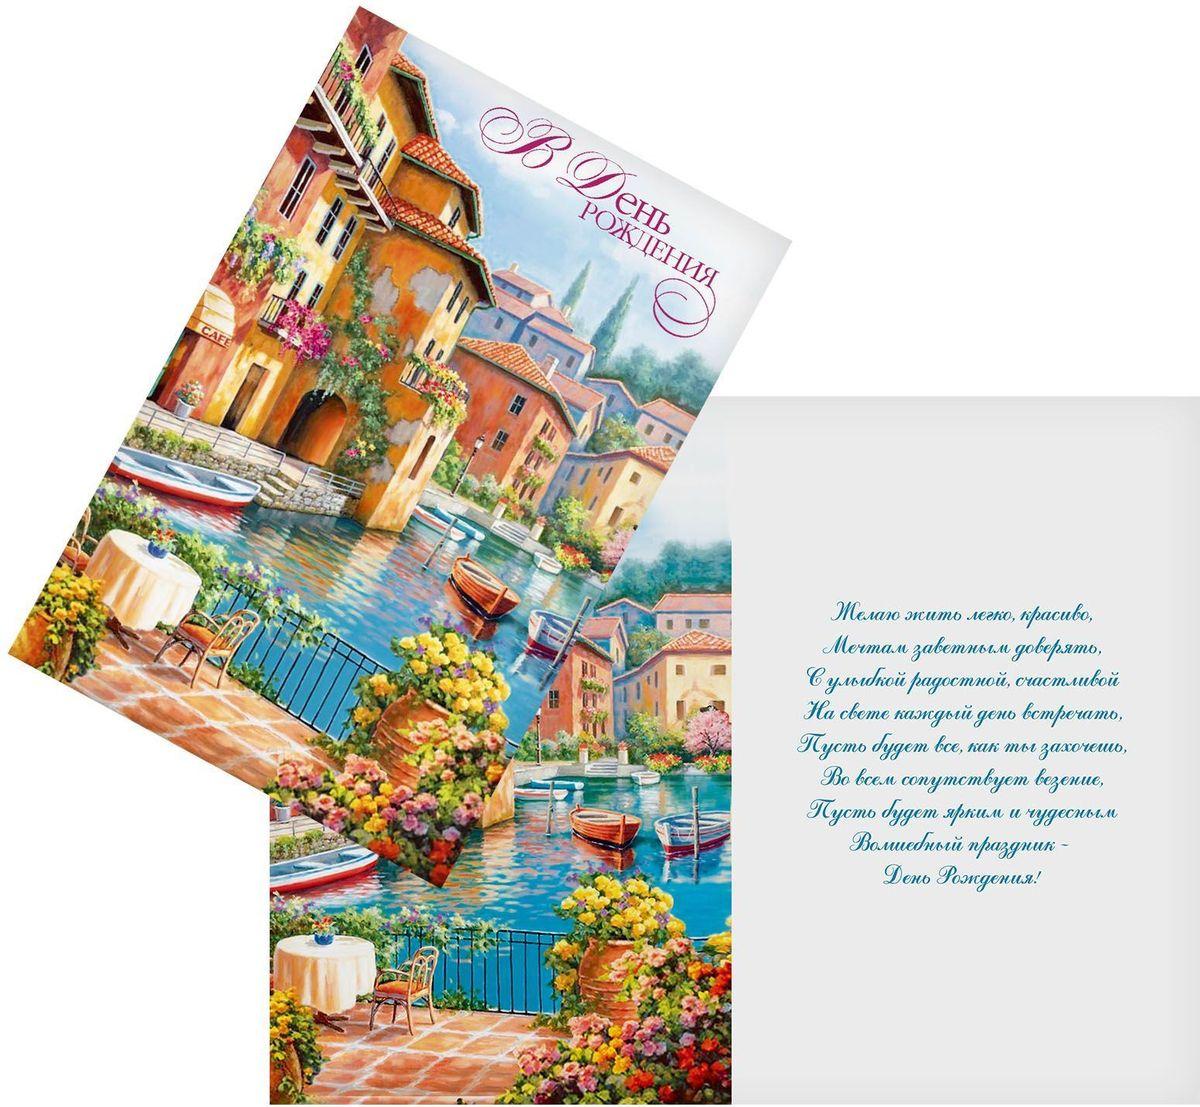 Открытка Дарите cчастье В день рождения. Венеция, 12 х 18 смTHN132NВыразить свои чувства и дополнить основной подарок тёплыми словами вам поможет Открытка С Днем Рождения, с ней ваше пожелание «Счастья, любви и здоровья» приобретёт трепетный и душевный подтекст. А воспоминания о праздничном дне ещё долго будут радовать адресата.